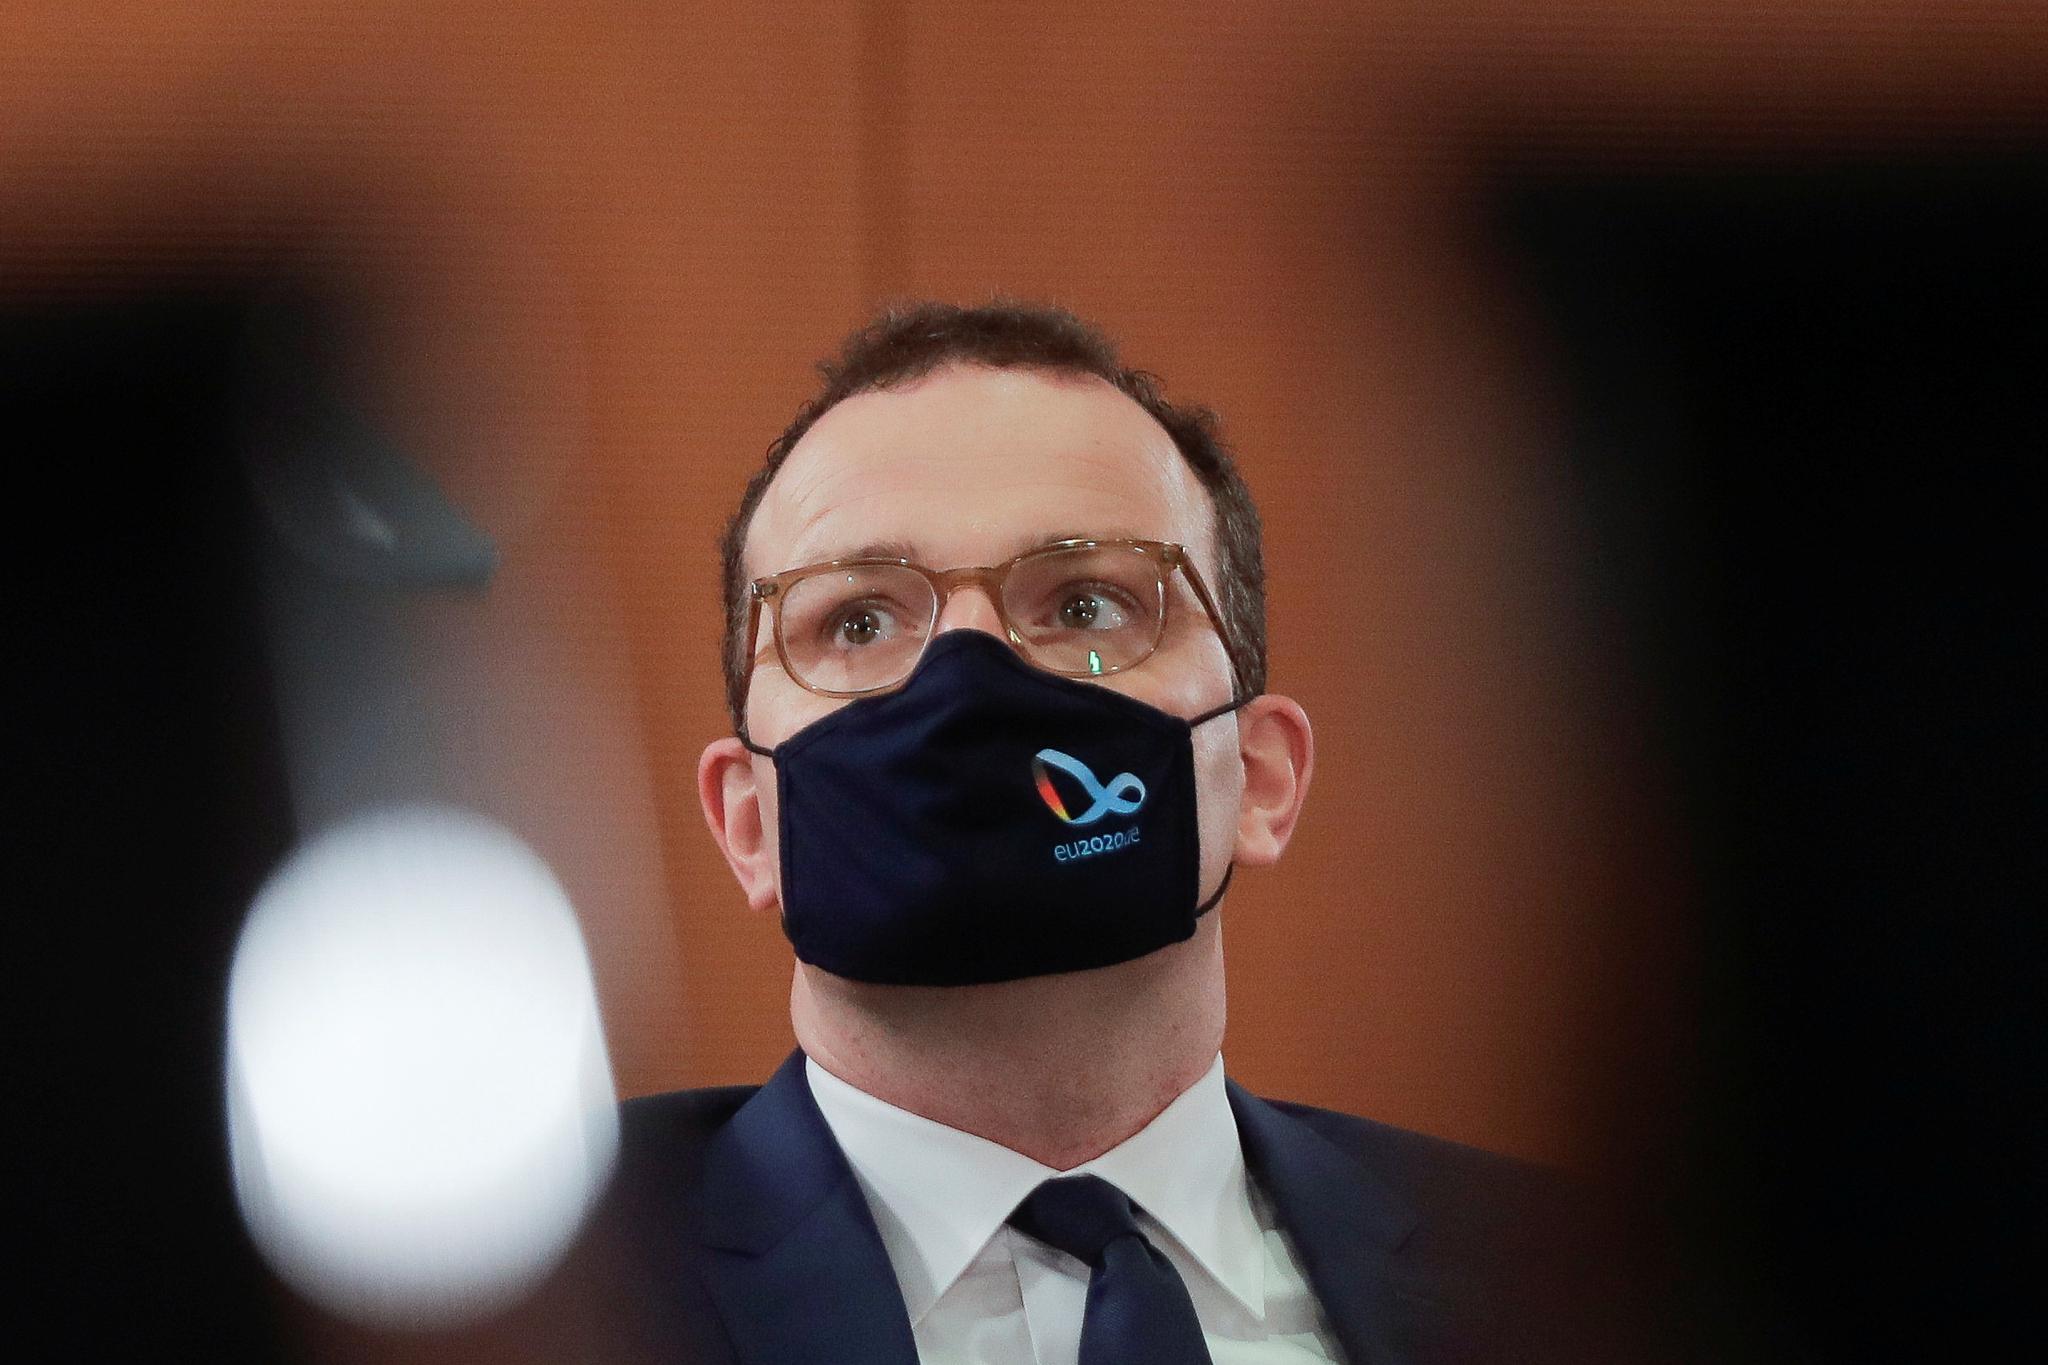 옌스 슈판 독일 보건부 장관이 신종 코로나바이러스 감염증(코로나19) 확진 판정을 받았다. 로이터=연합뉴스